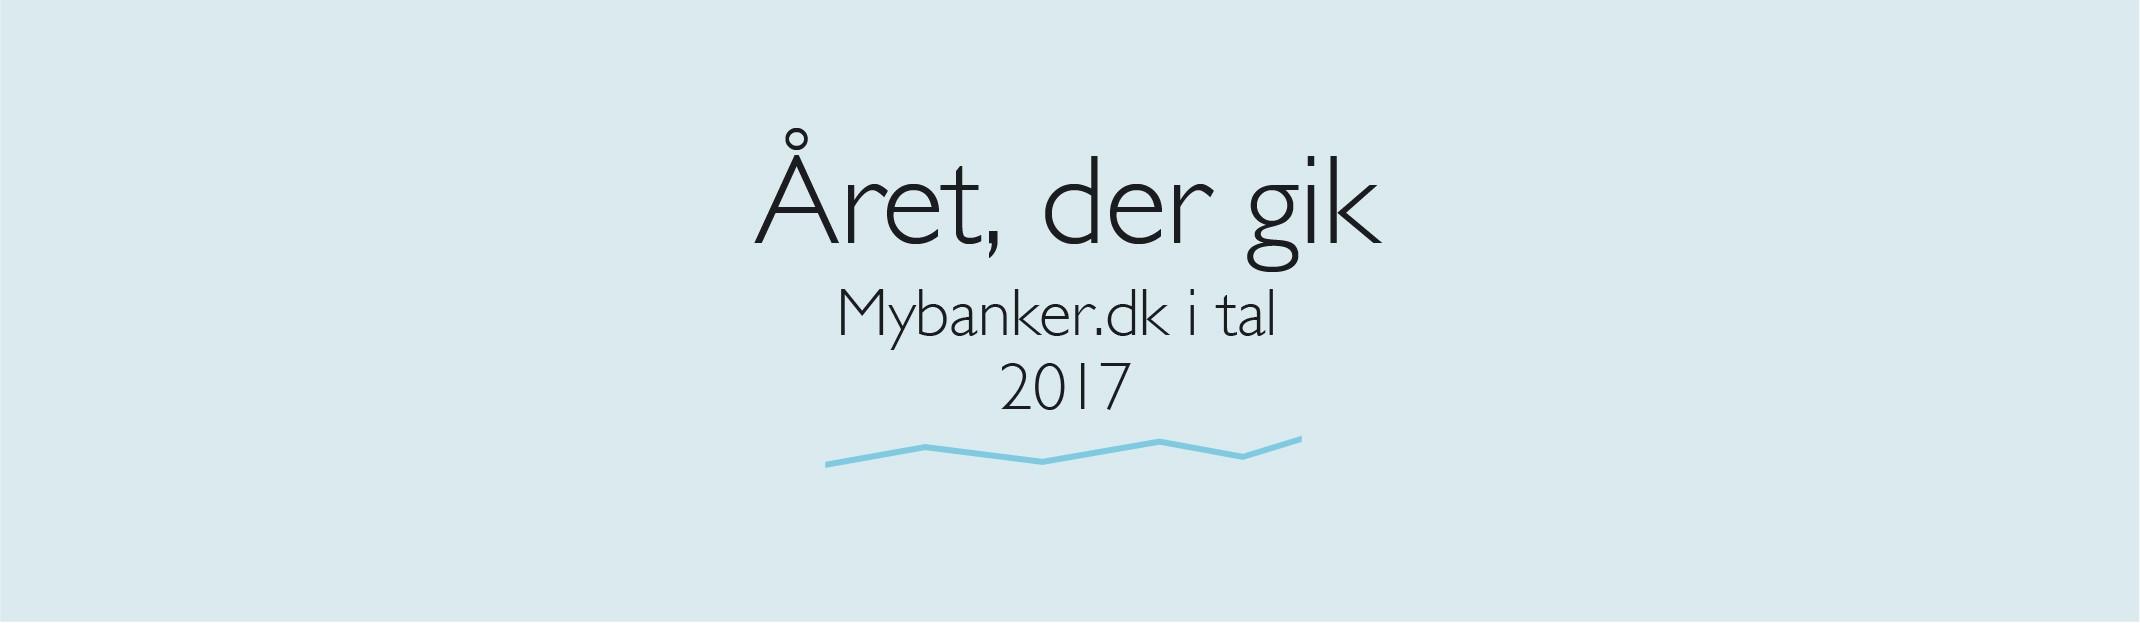 Året, der gik i Mybanker 2017